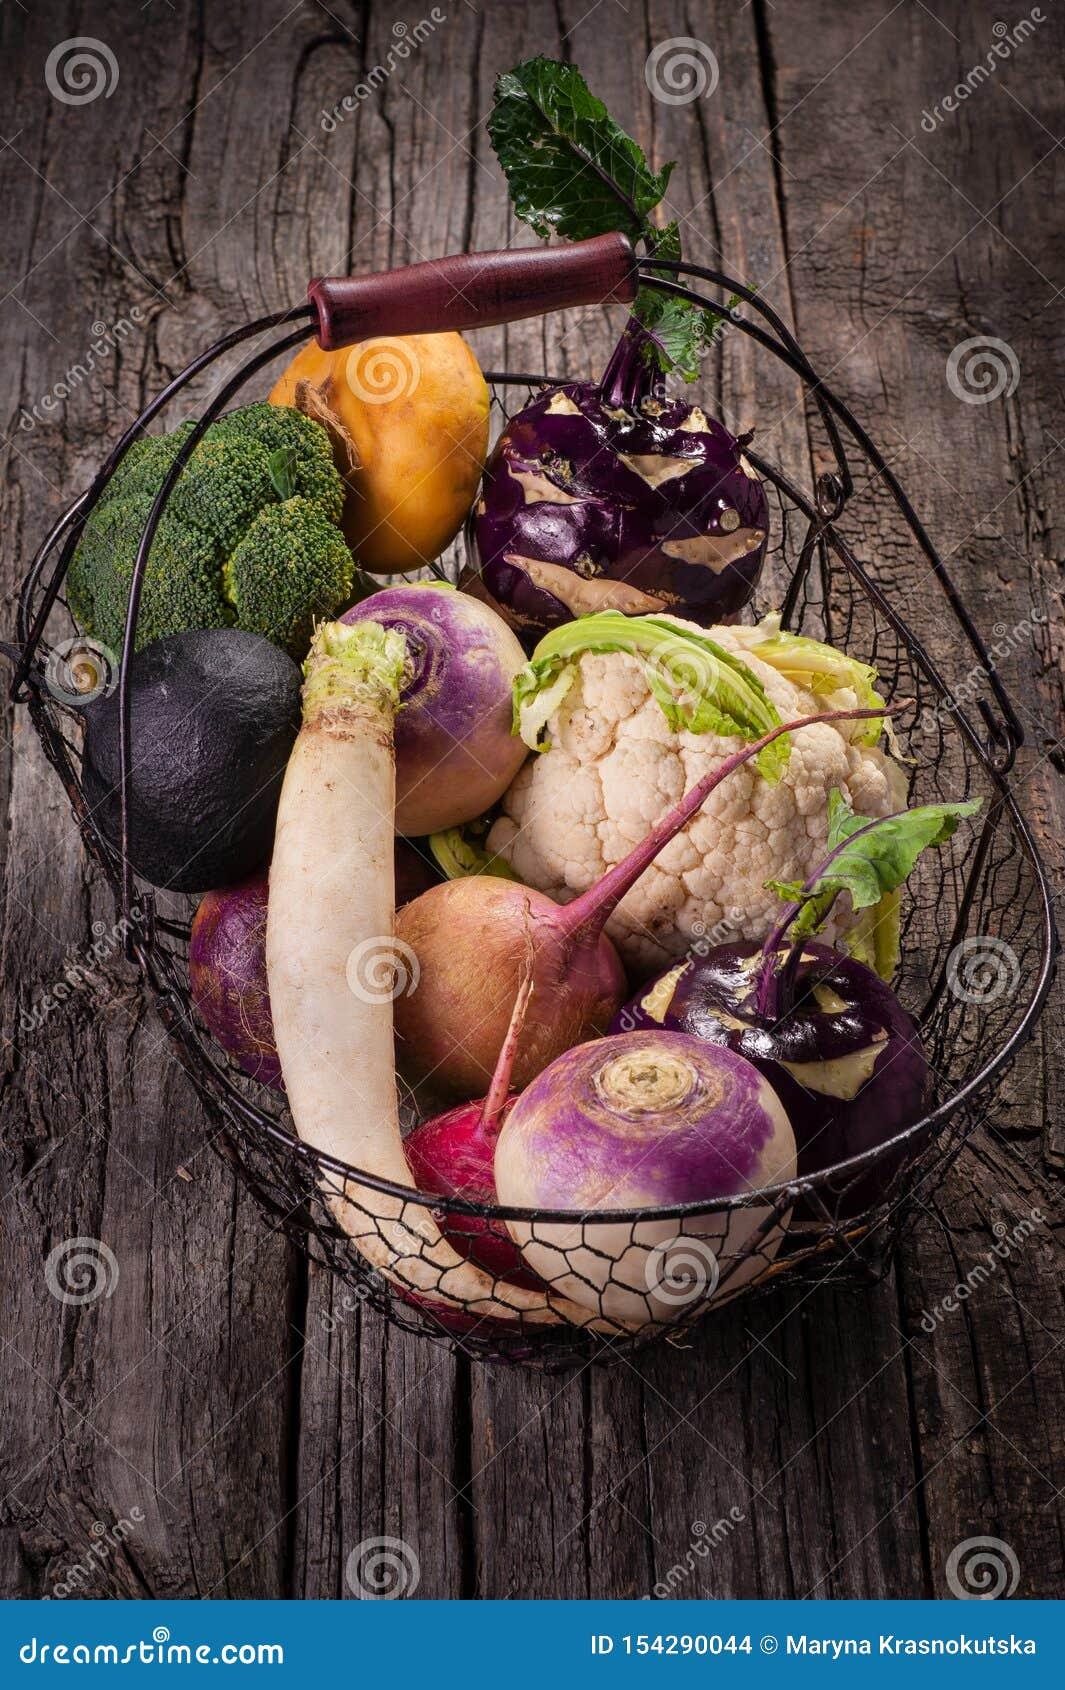 Корзина с овощами на деревянной предпосылке Цветная капуста, брокколи, редиска, пастернак, лук-порей, кольраби